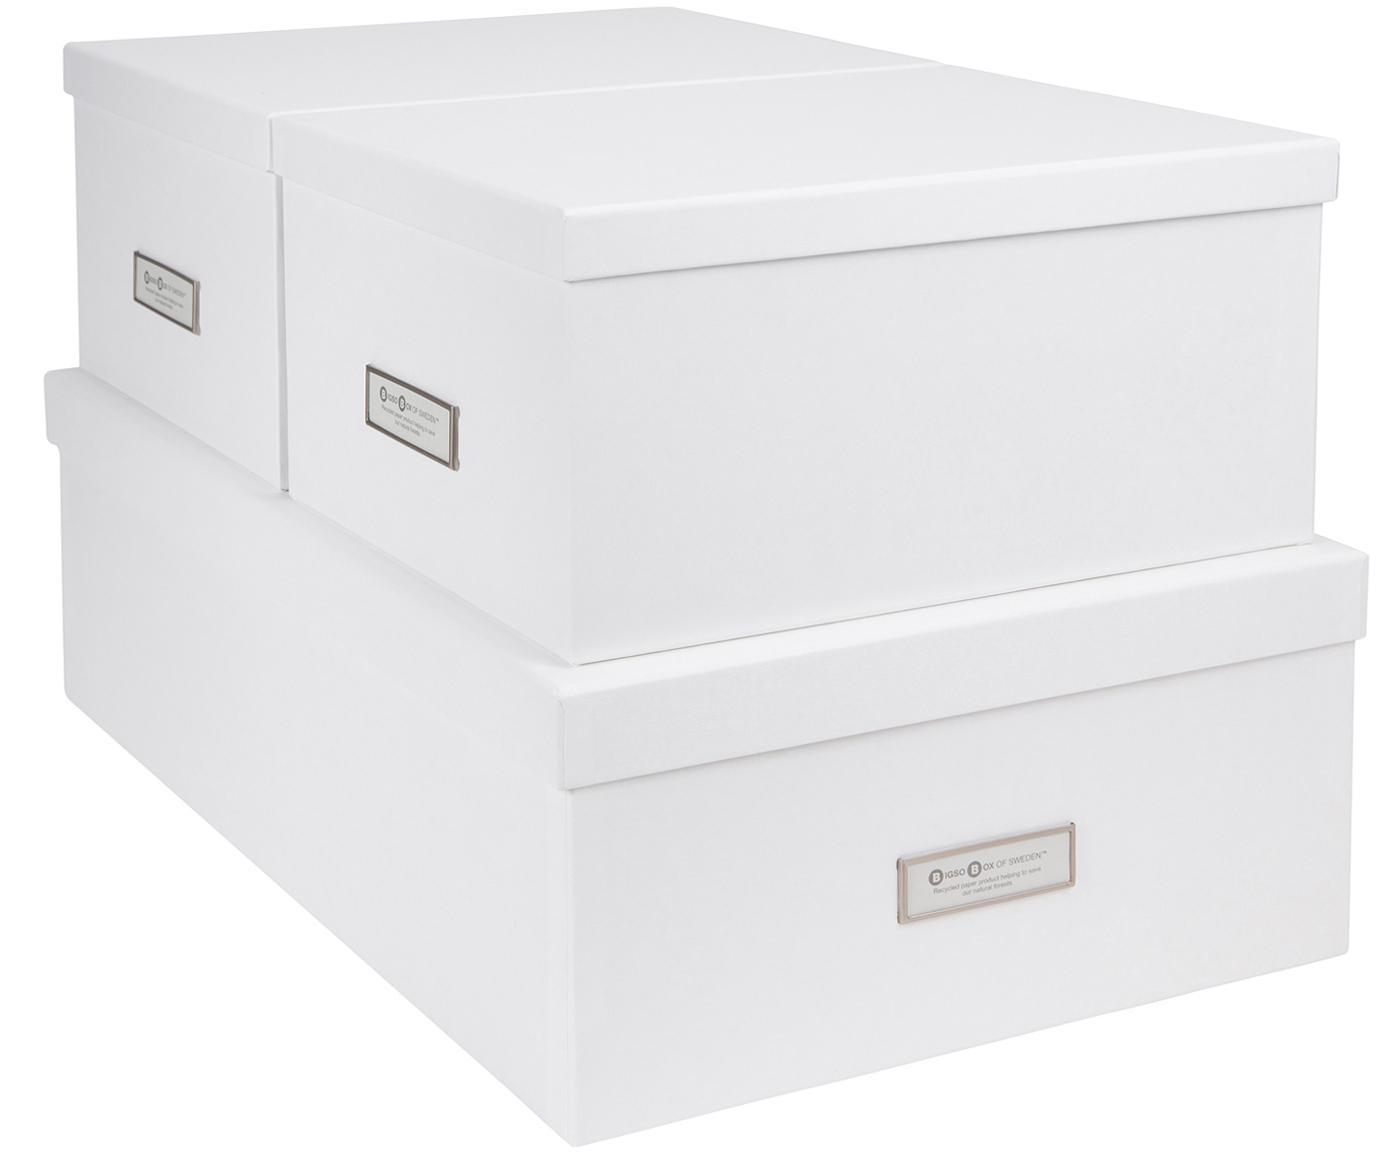 Aufbewahrungsboxen-Set Inge, 3-tlg., Box: Fester, laminierter Karto, Box aussen: WeissBox innen: Weiss, Verschiedene Grössen